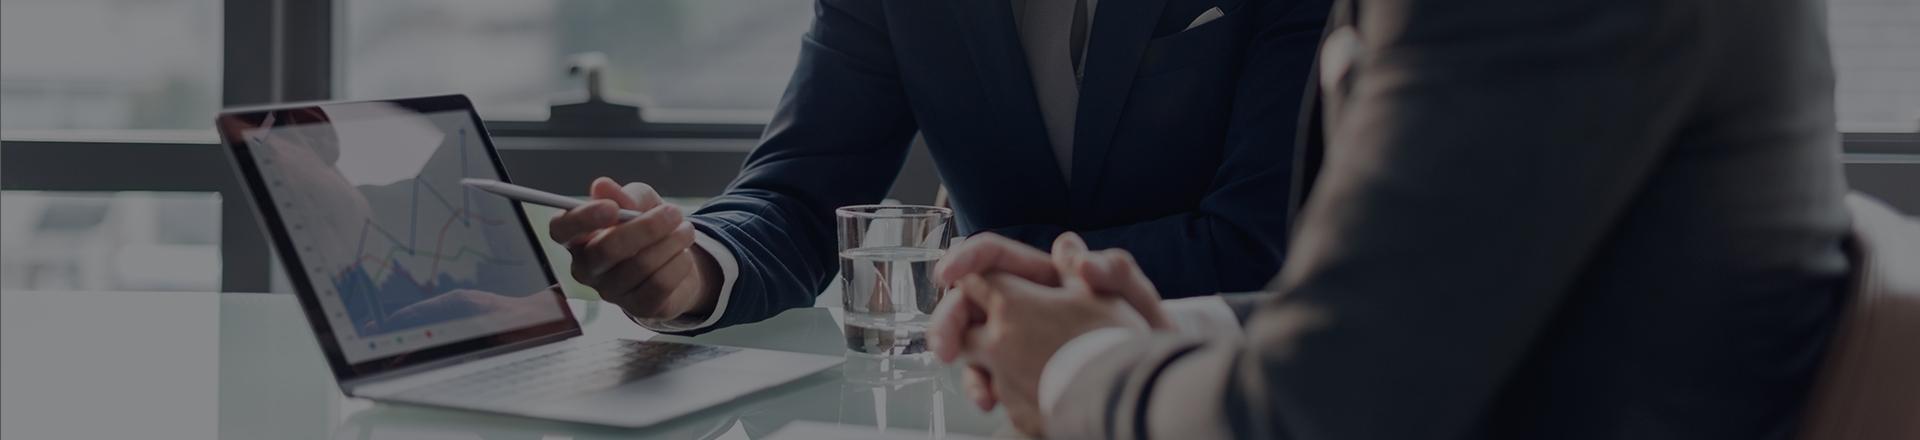 Doradca omawia wyniki inwestycyjne swojemu klientowi